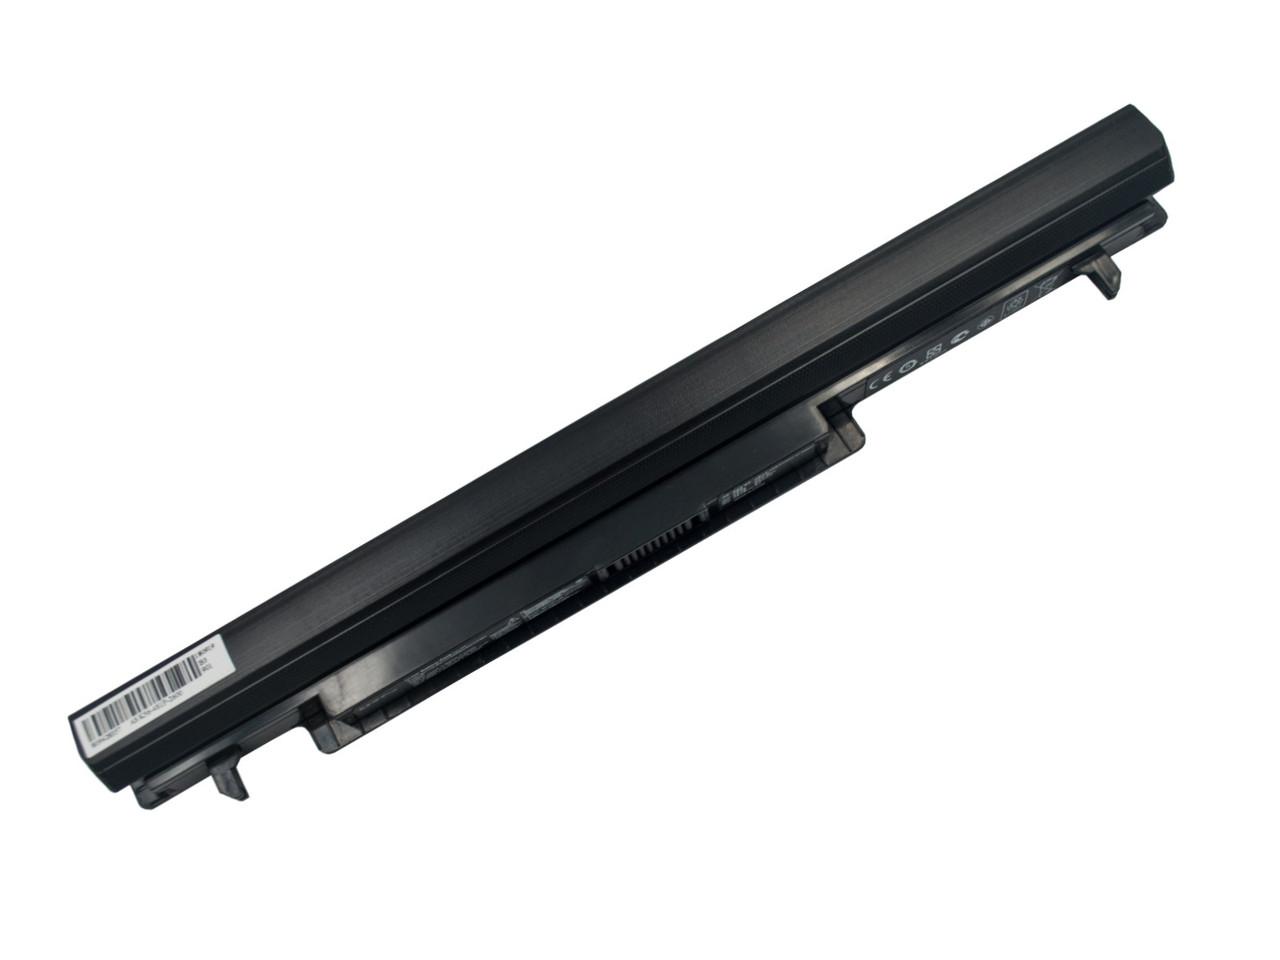 Батарея Elements MAX для Asus A56 A46 K56 K56C K56CA K56CM K46 K46C K46CA K46CM S56 S46 14.4V 2600mAh (K56-4S1P-2600)